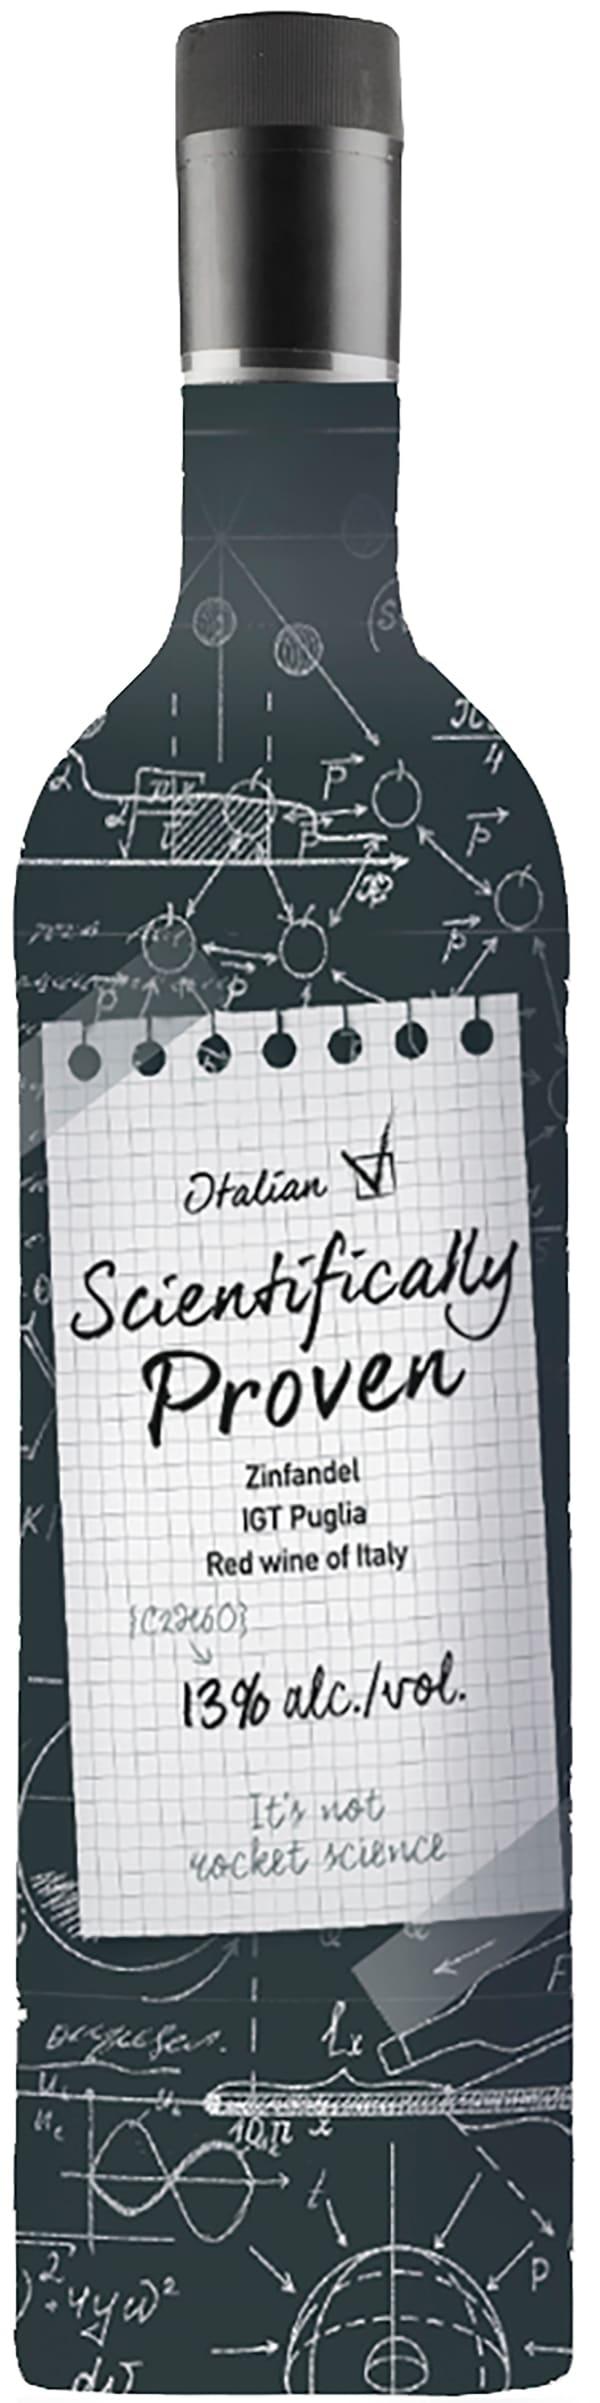 Scientifically Proven Italian Zinfandel plastic bottle